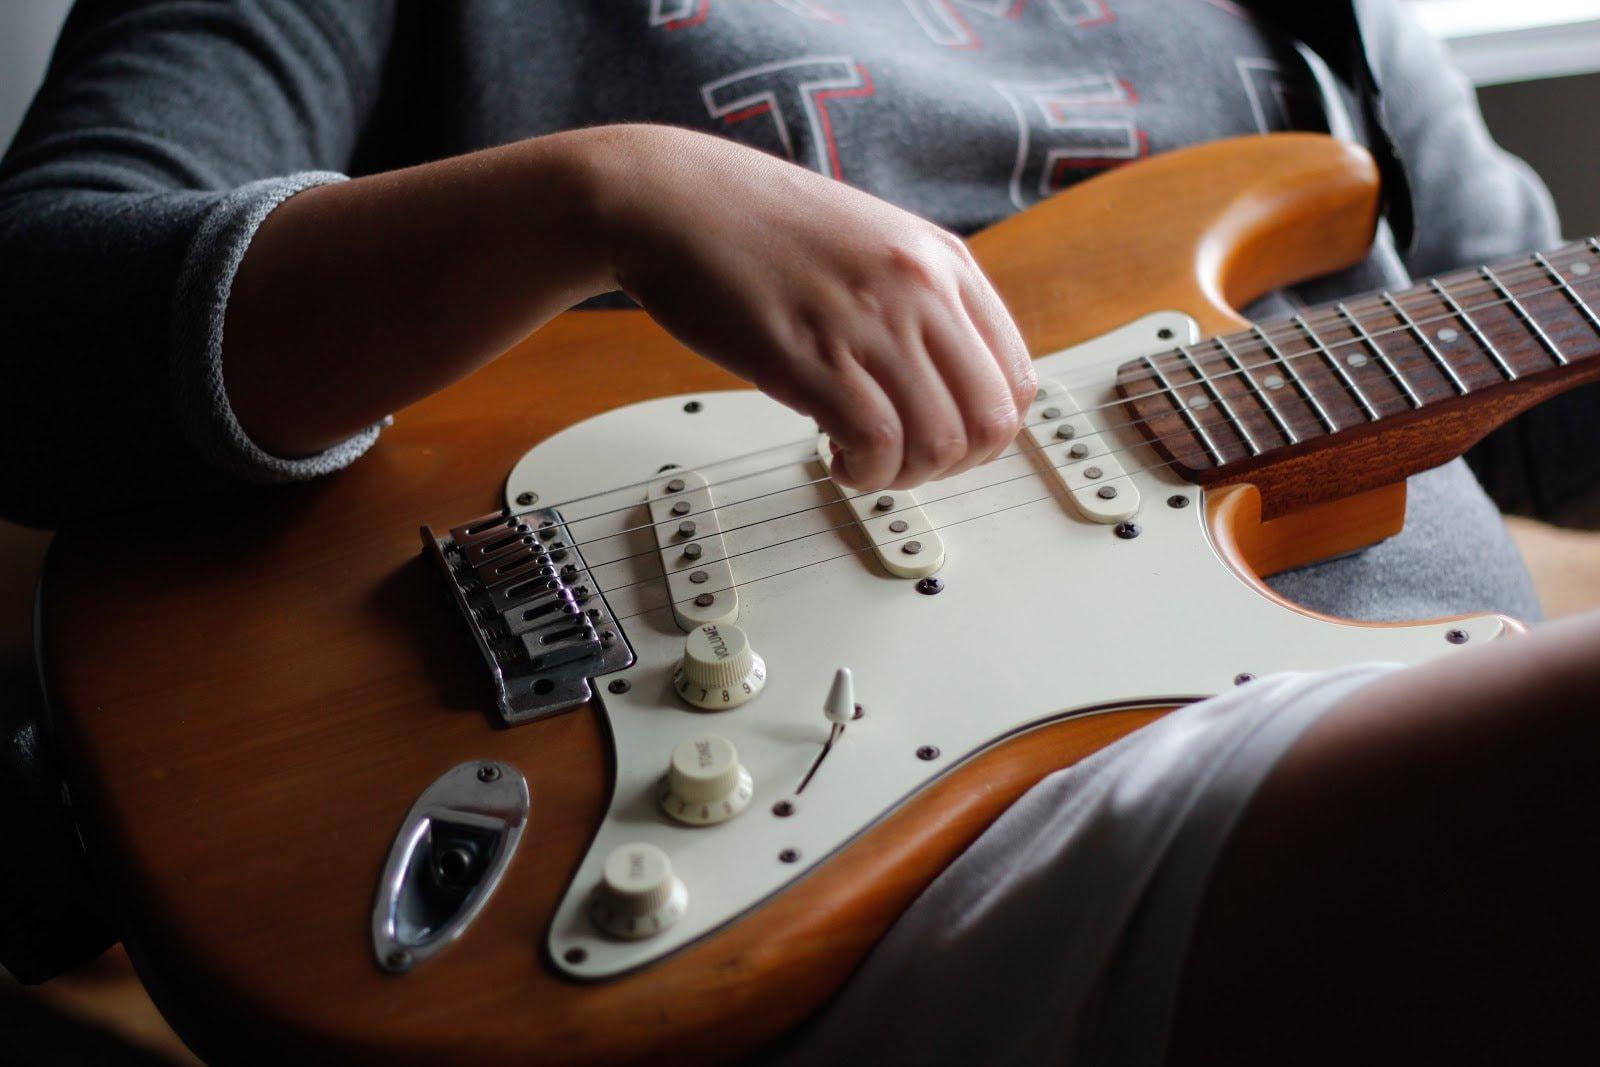 Female guitarist